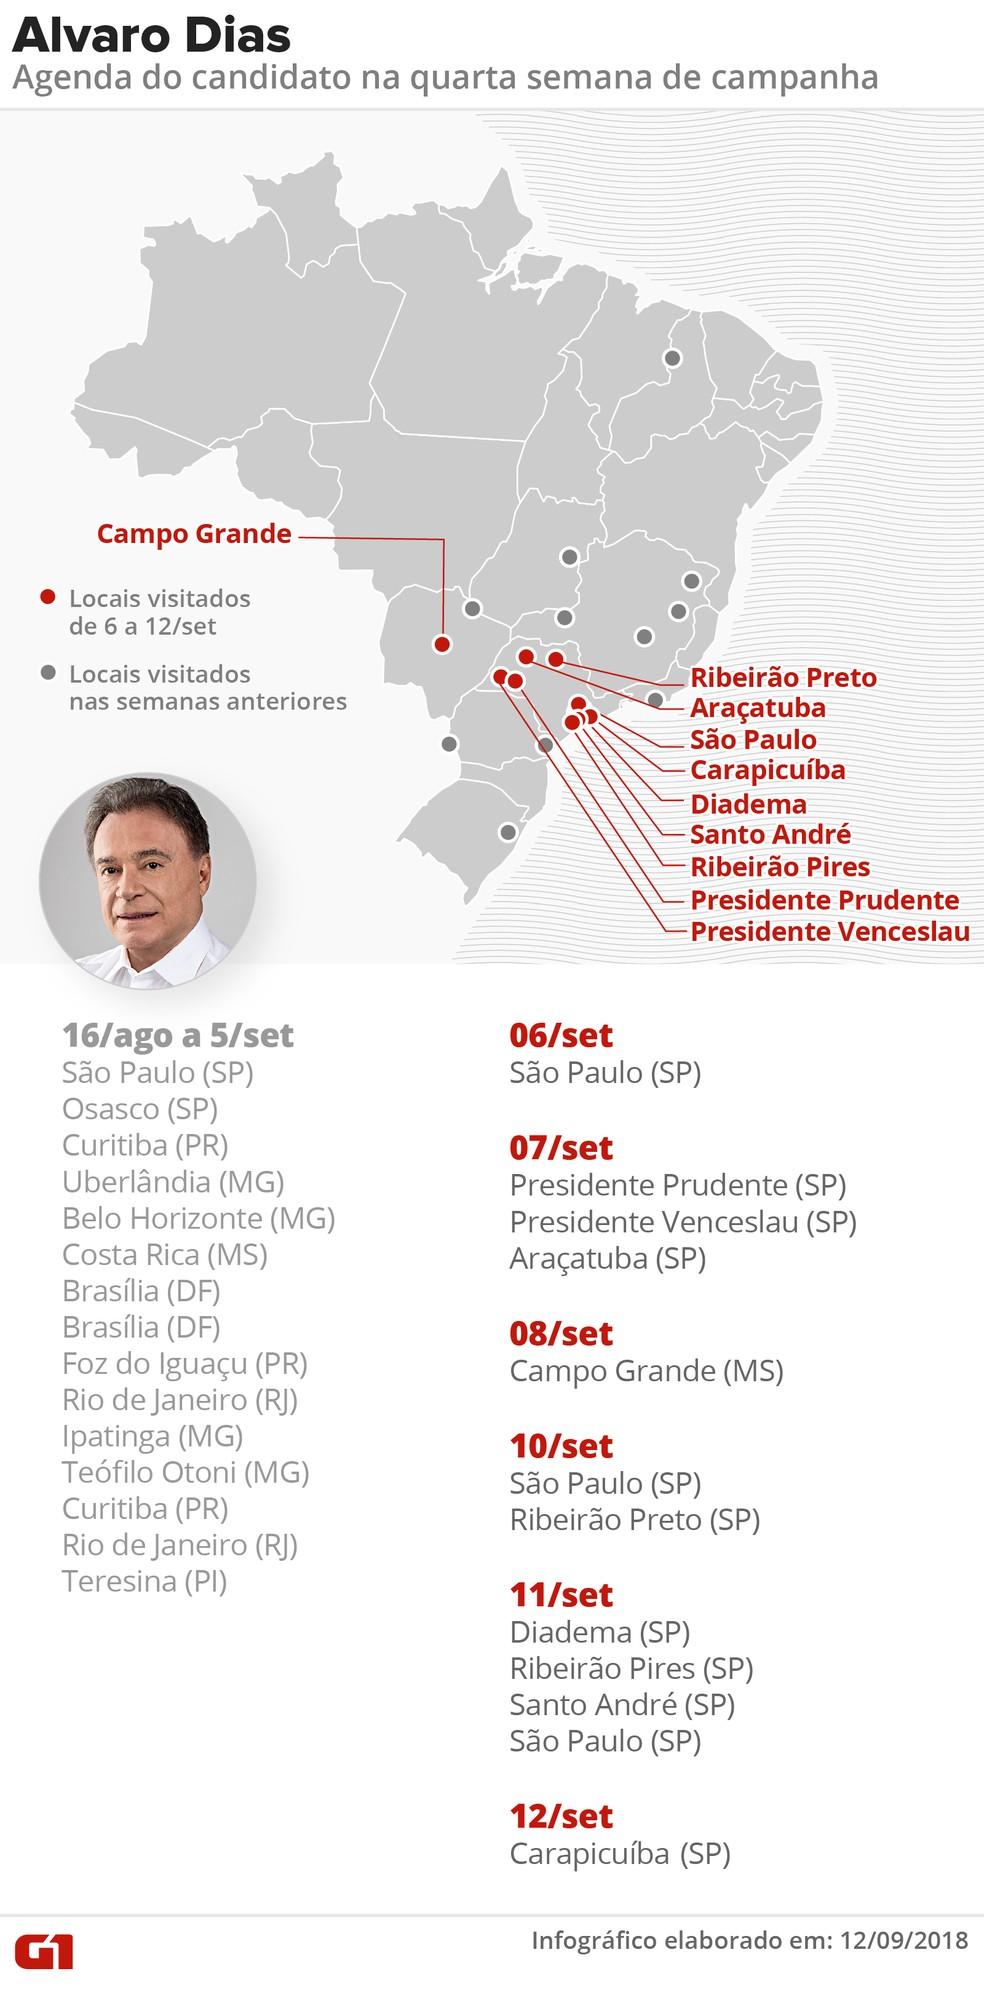 Agendas do candidato Alvaro Dias (Podemos) na 4ª semana de campanha presidencial — Foto: Roberta Jaworski/G1